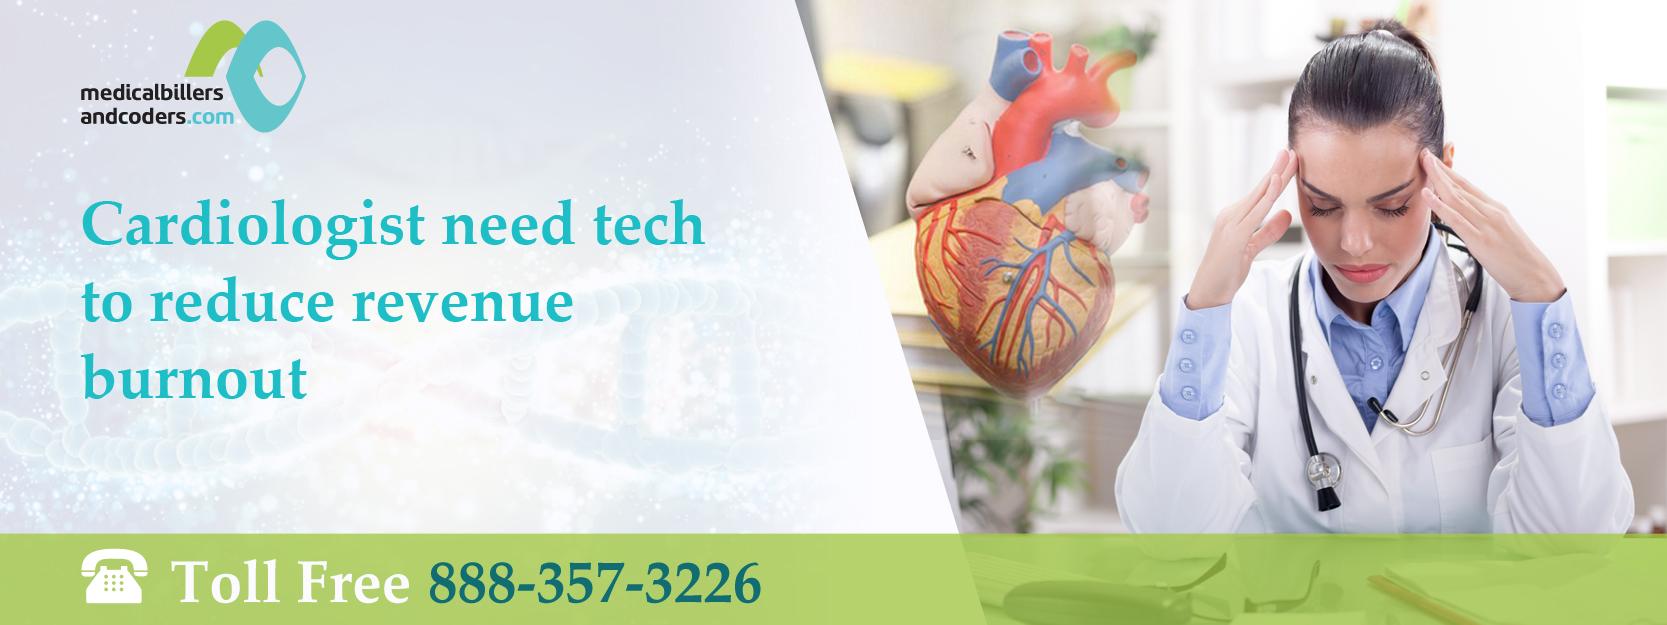 Cardiology Revenue Burnout  Cardiology Technology